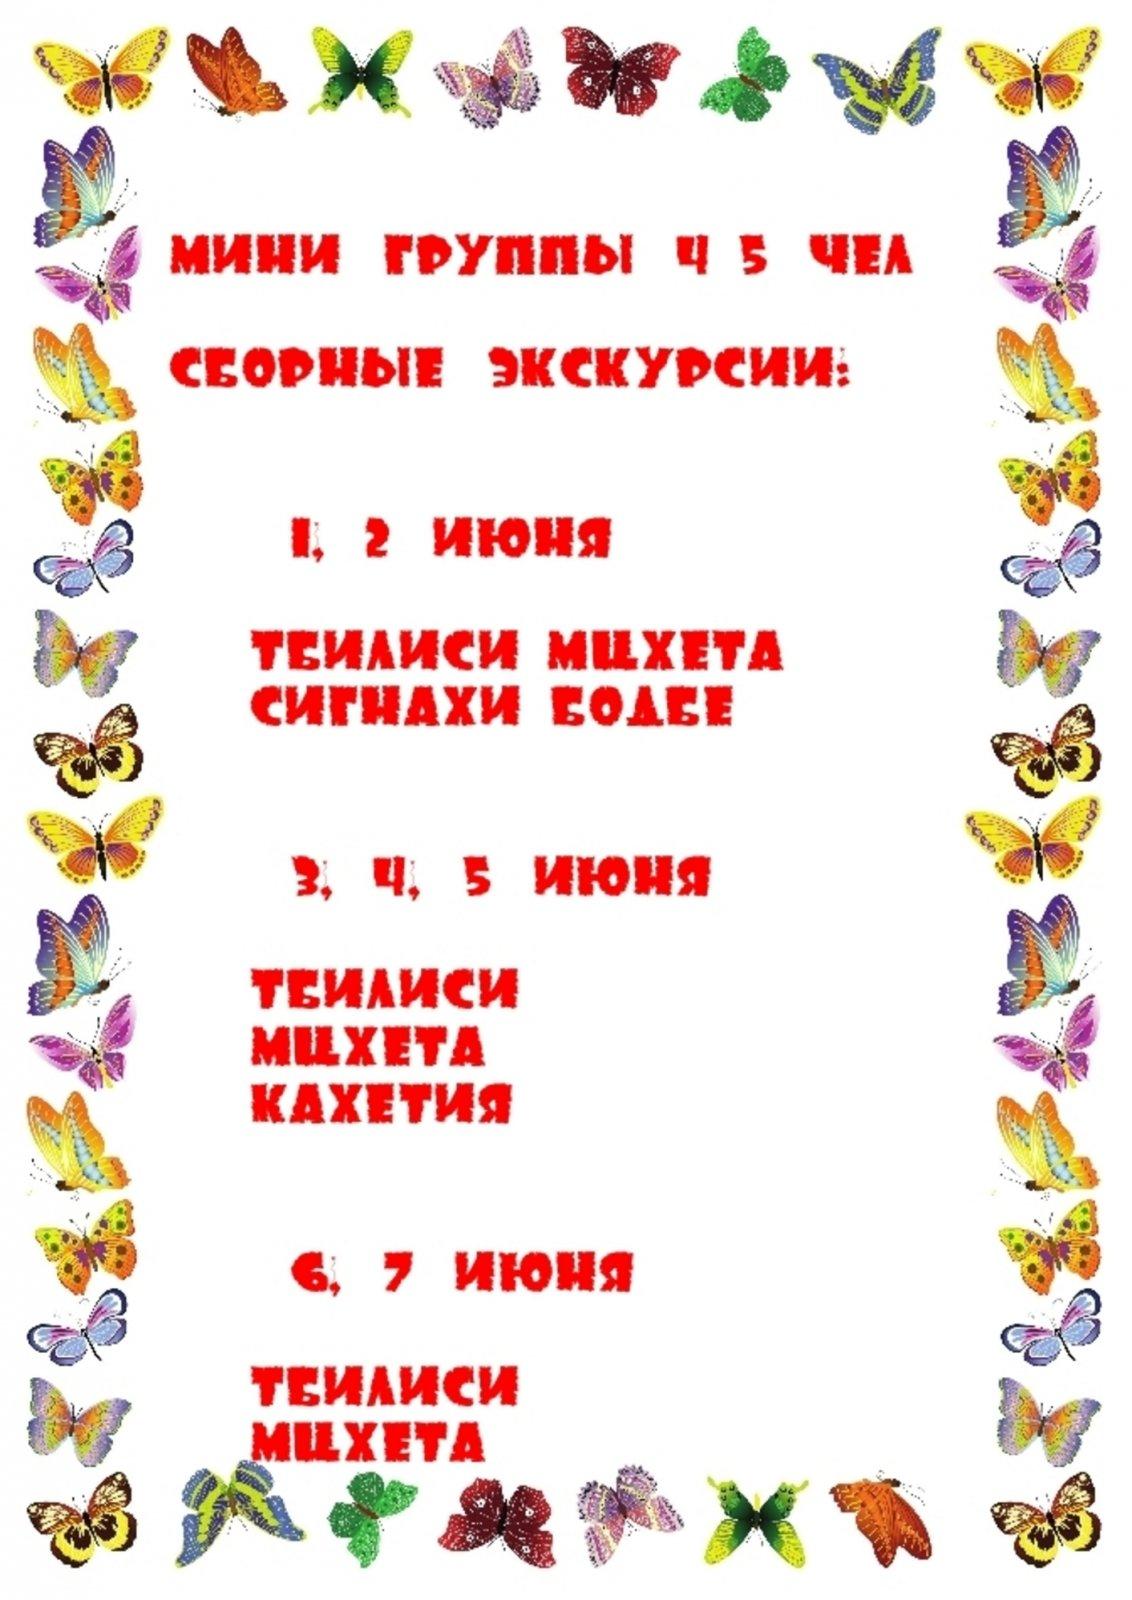 Мини-группы 4-5 чел: Сборные экскурсии